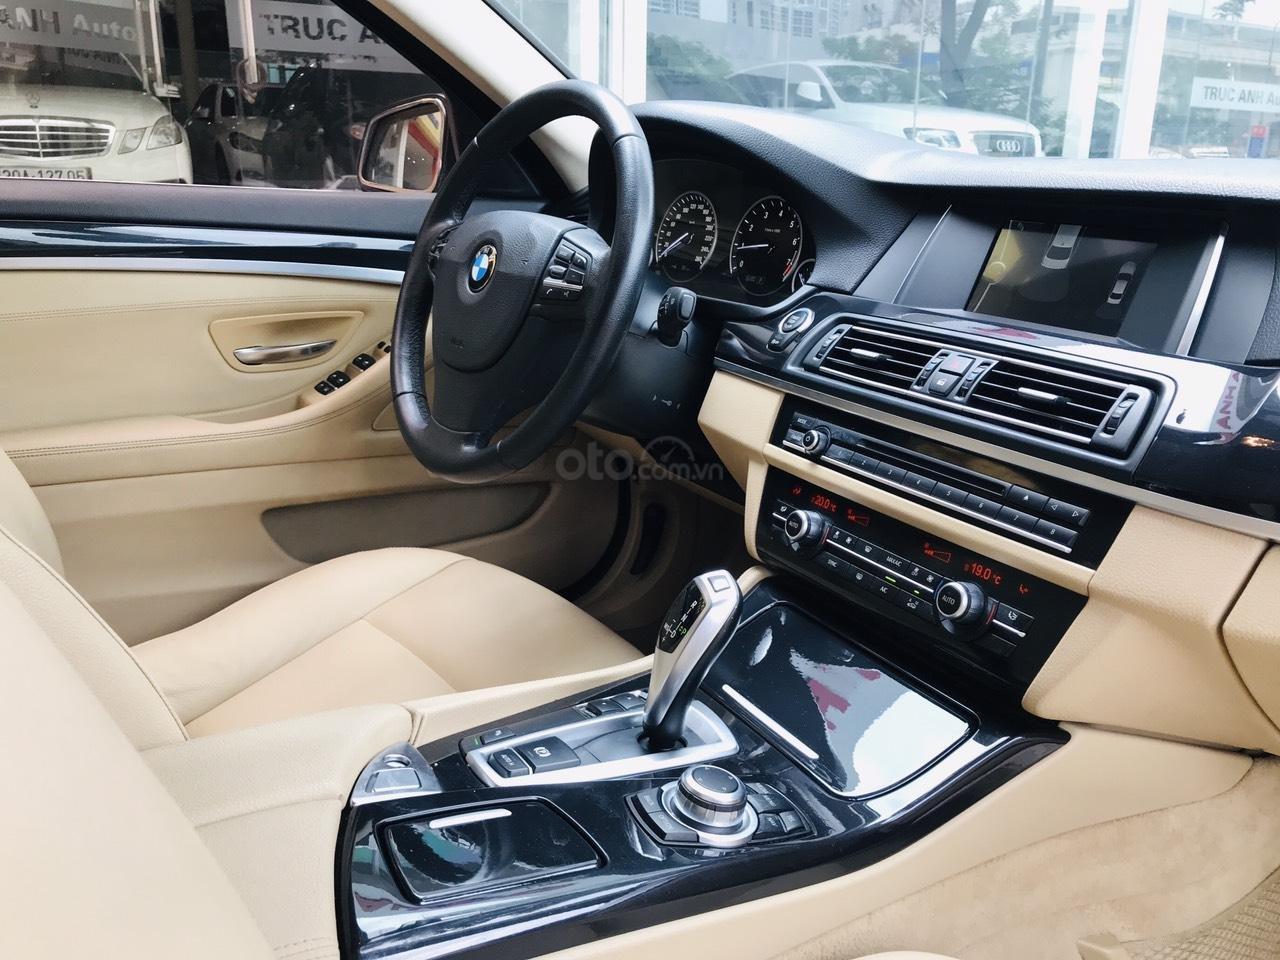 Bán xe BMW 5 Series 520i đời 2015, màu xanh lam, nhập khẩu nguyên chiếc (20)